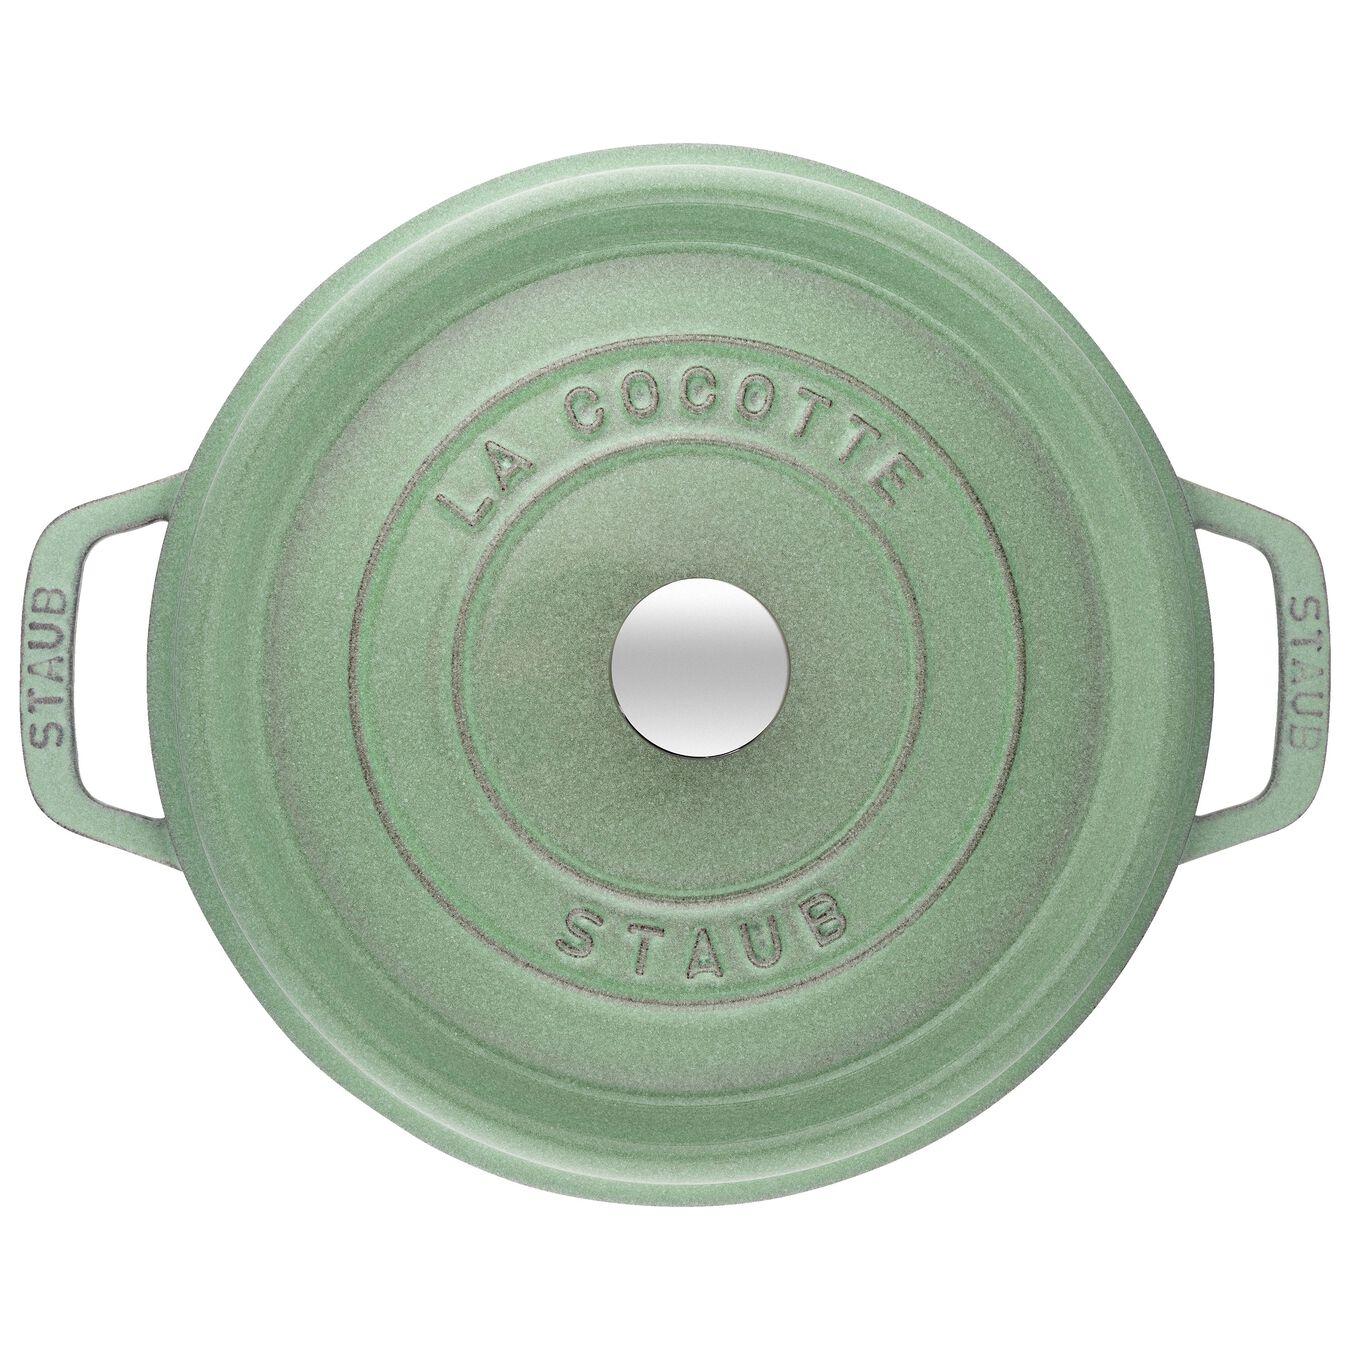 Cocotte 28 cm, rund, Salbeigrün, Gusseisen,,large 5